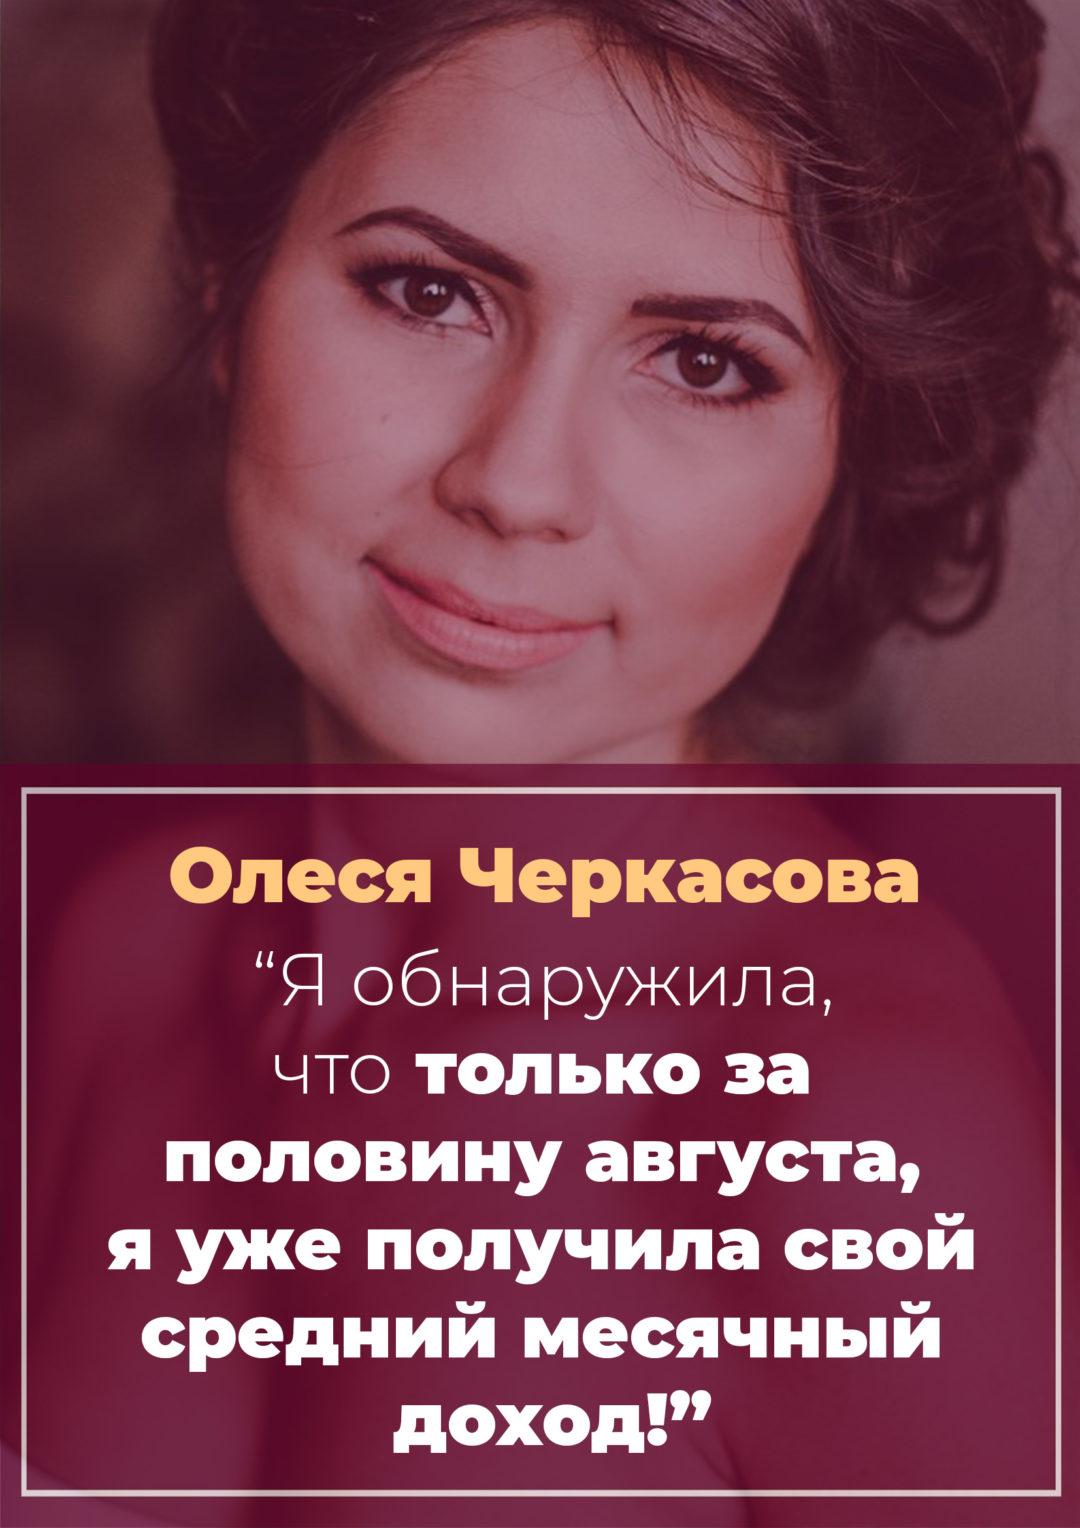 История Олеси Черкасовой